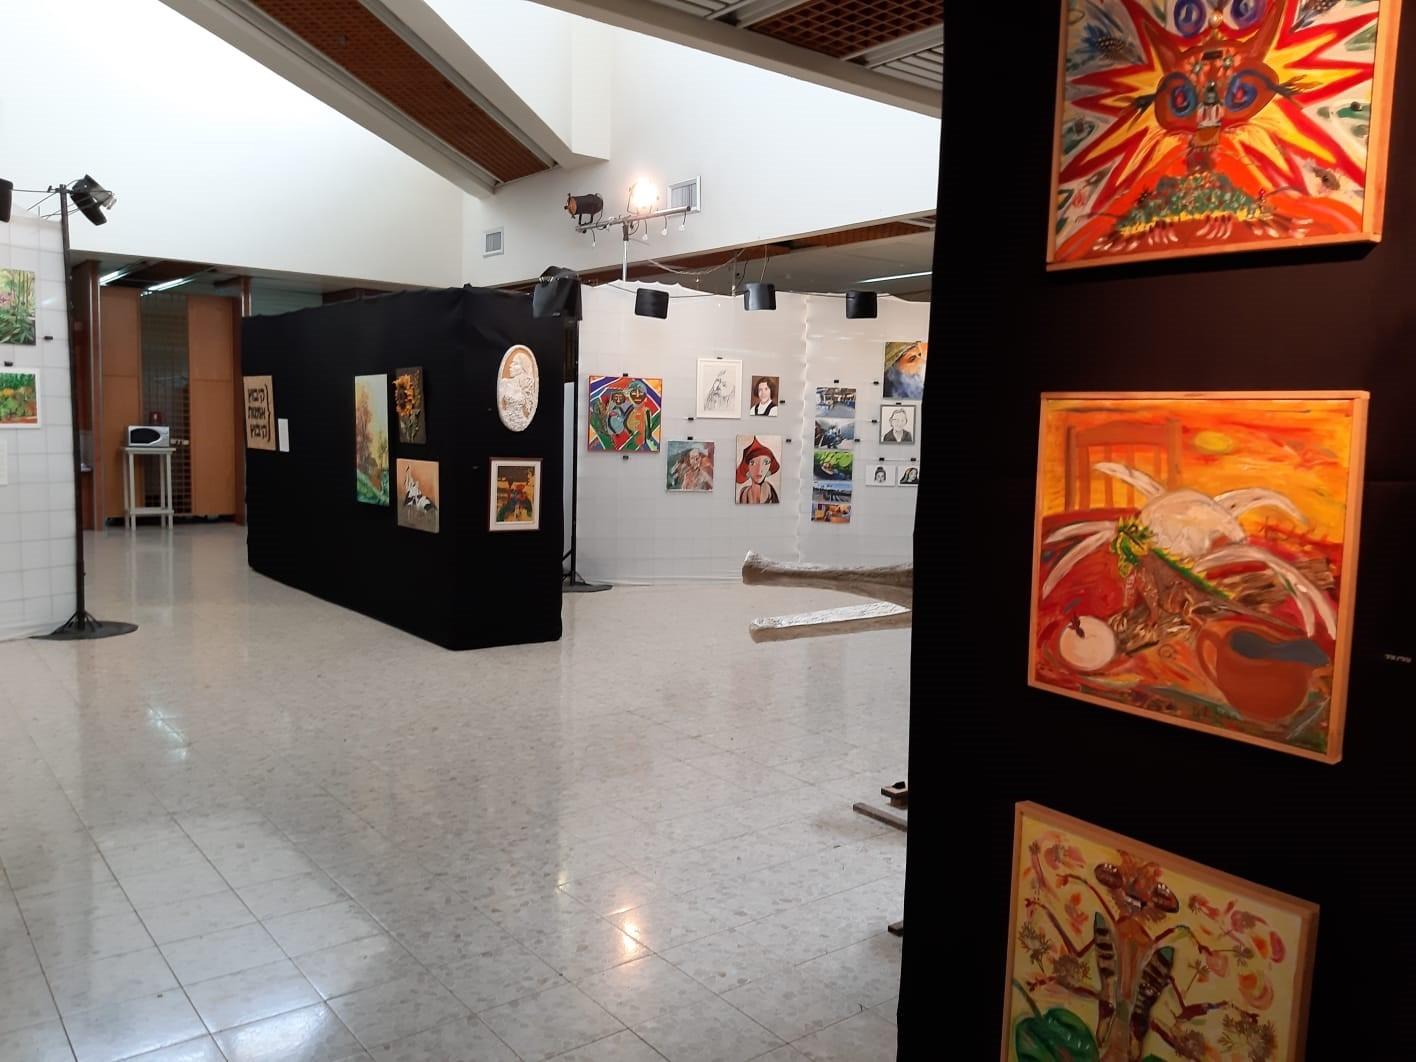 אומנות קיבוץ מזרע תערוכה